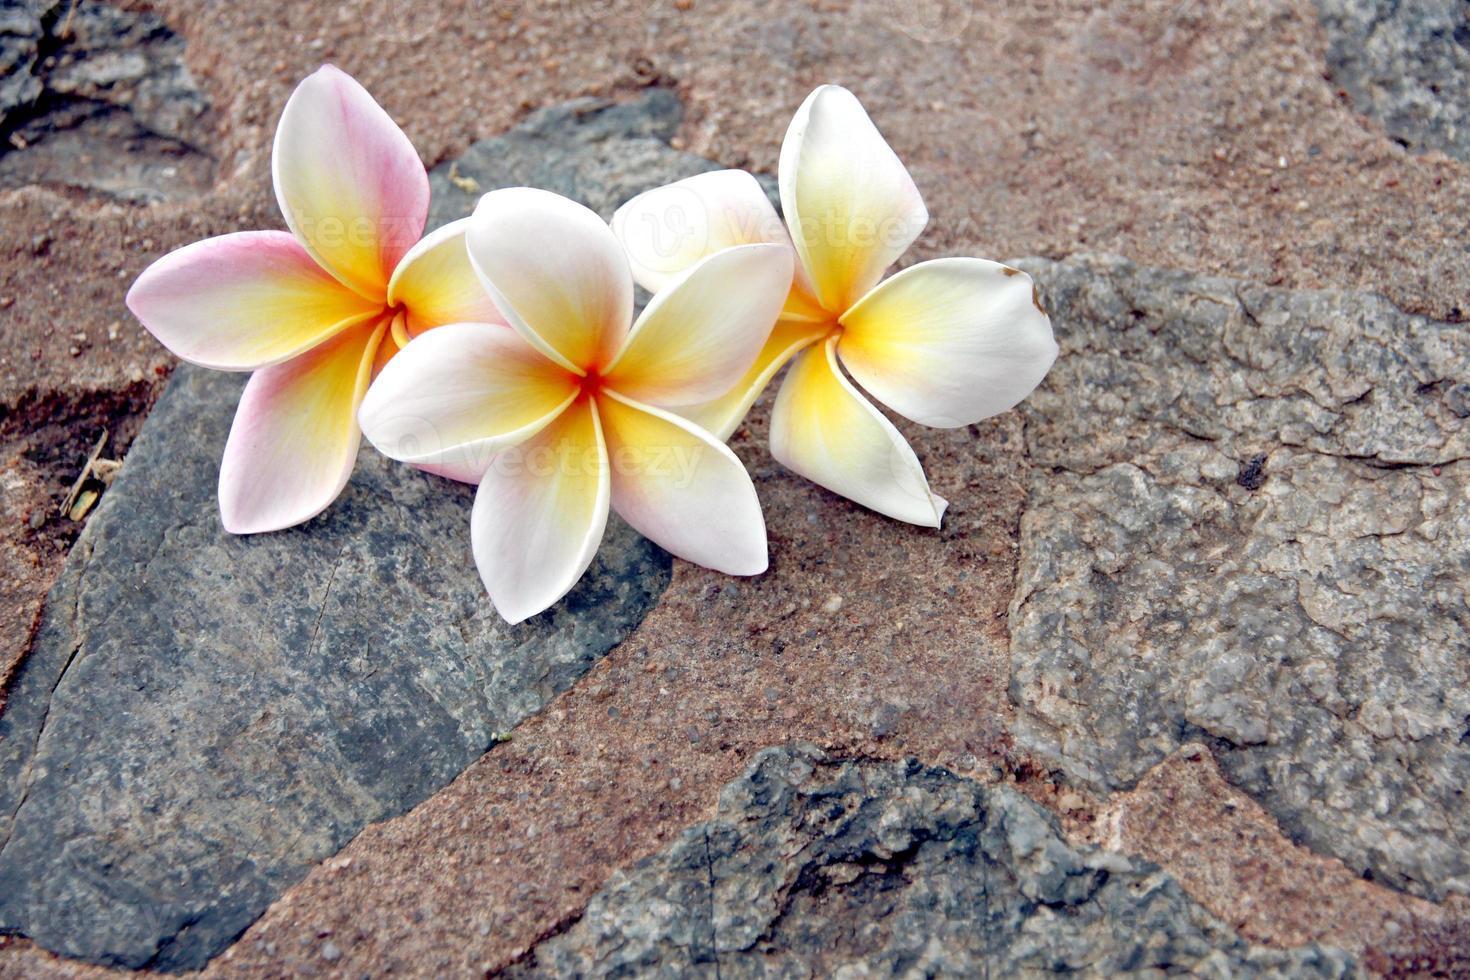 frangipani bloemen zijn geelachtig wit op stenen achtergrond. foto